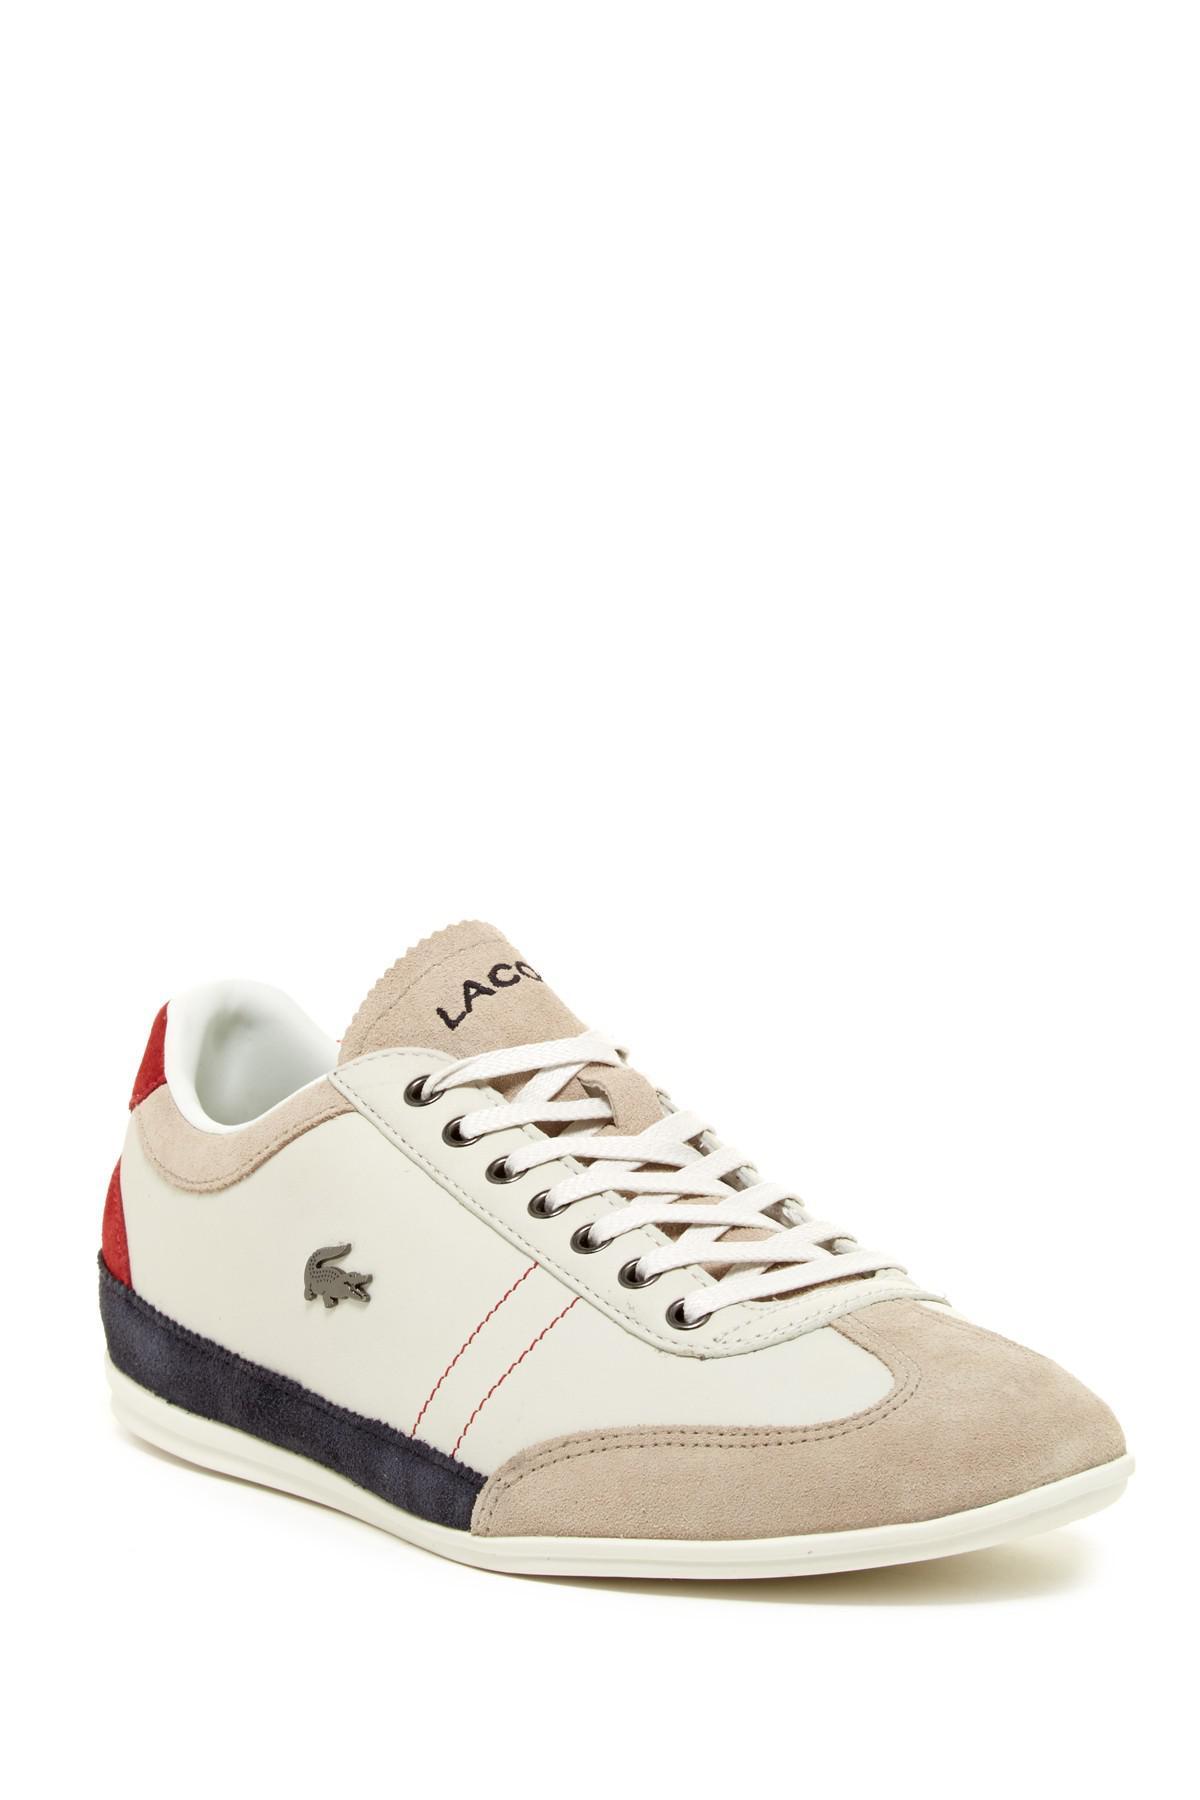 ac7688488 Lyst - Lacoste Misano 15 Lcr Sneaker for Men